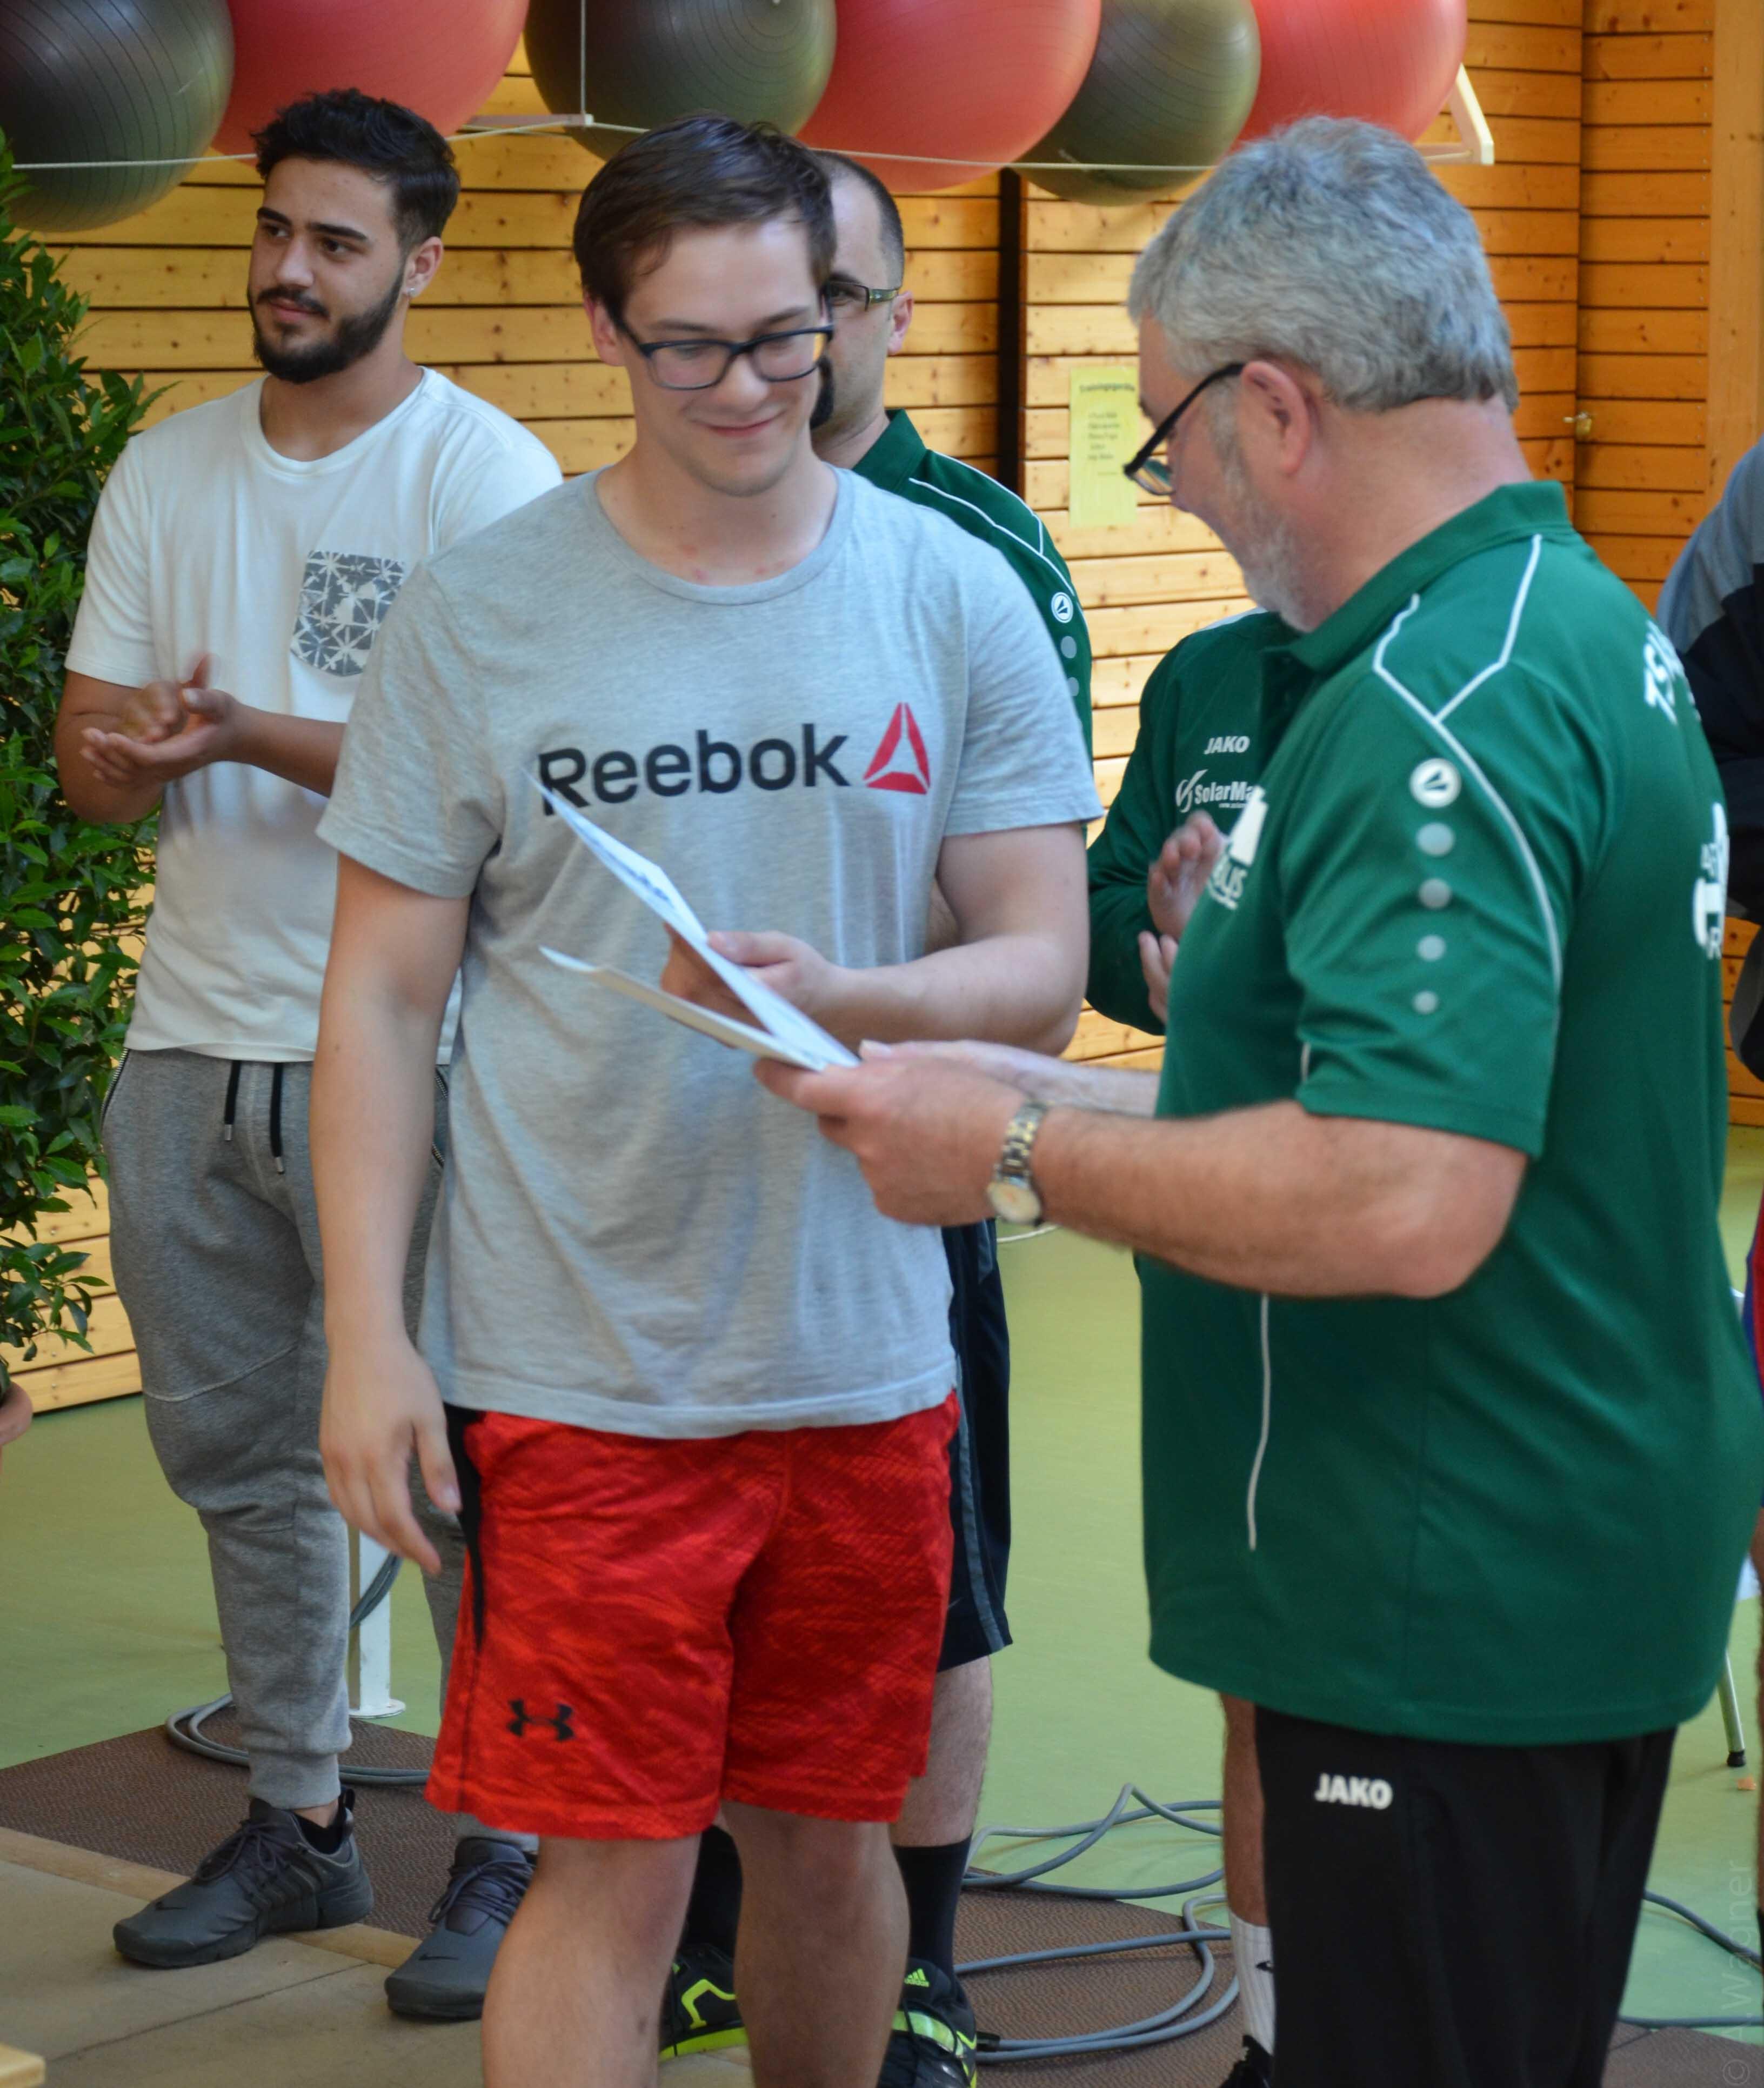 Schwäbische_Meisterschaft_2017__(40_von_55)